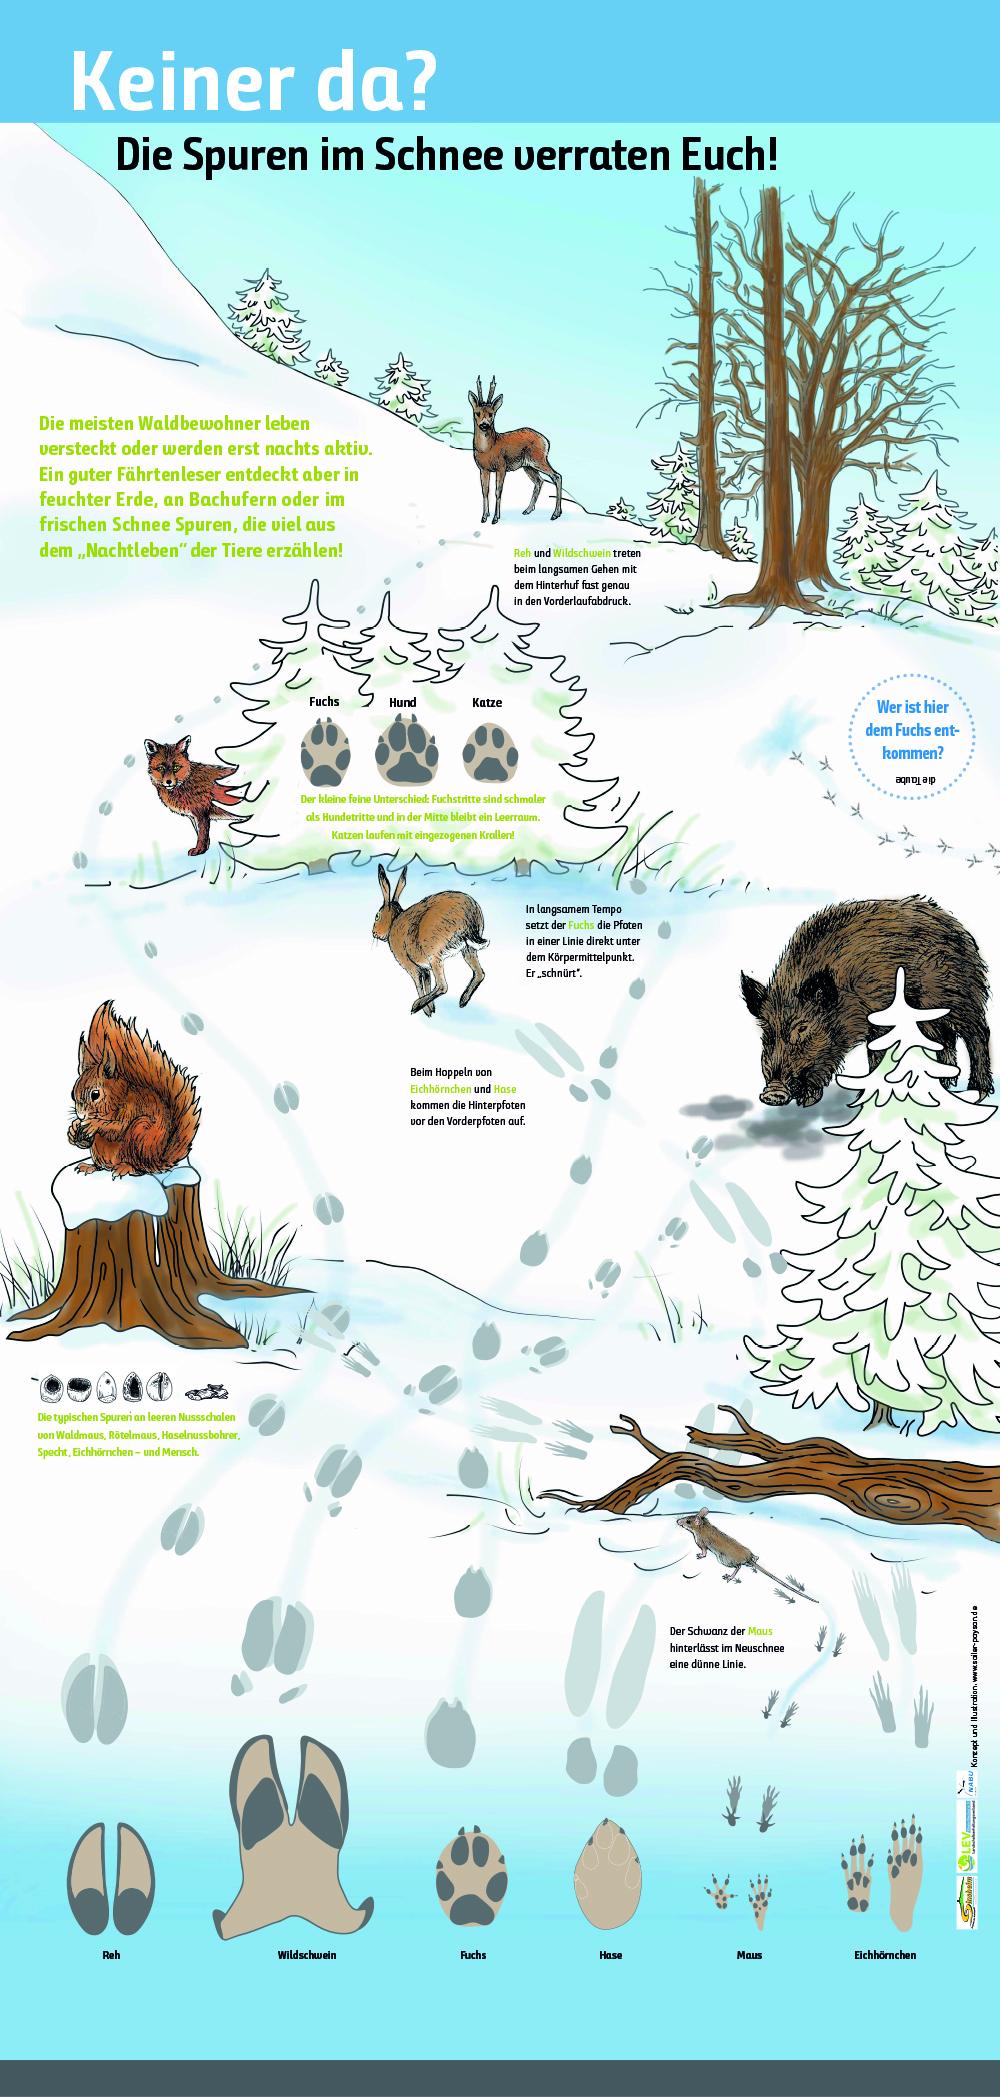 Spuren in Schnee - Nagetiere im Wald